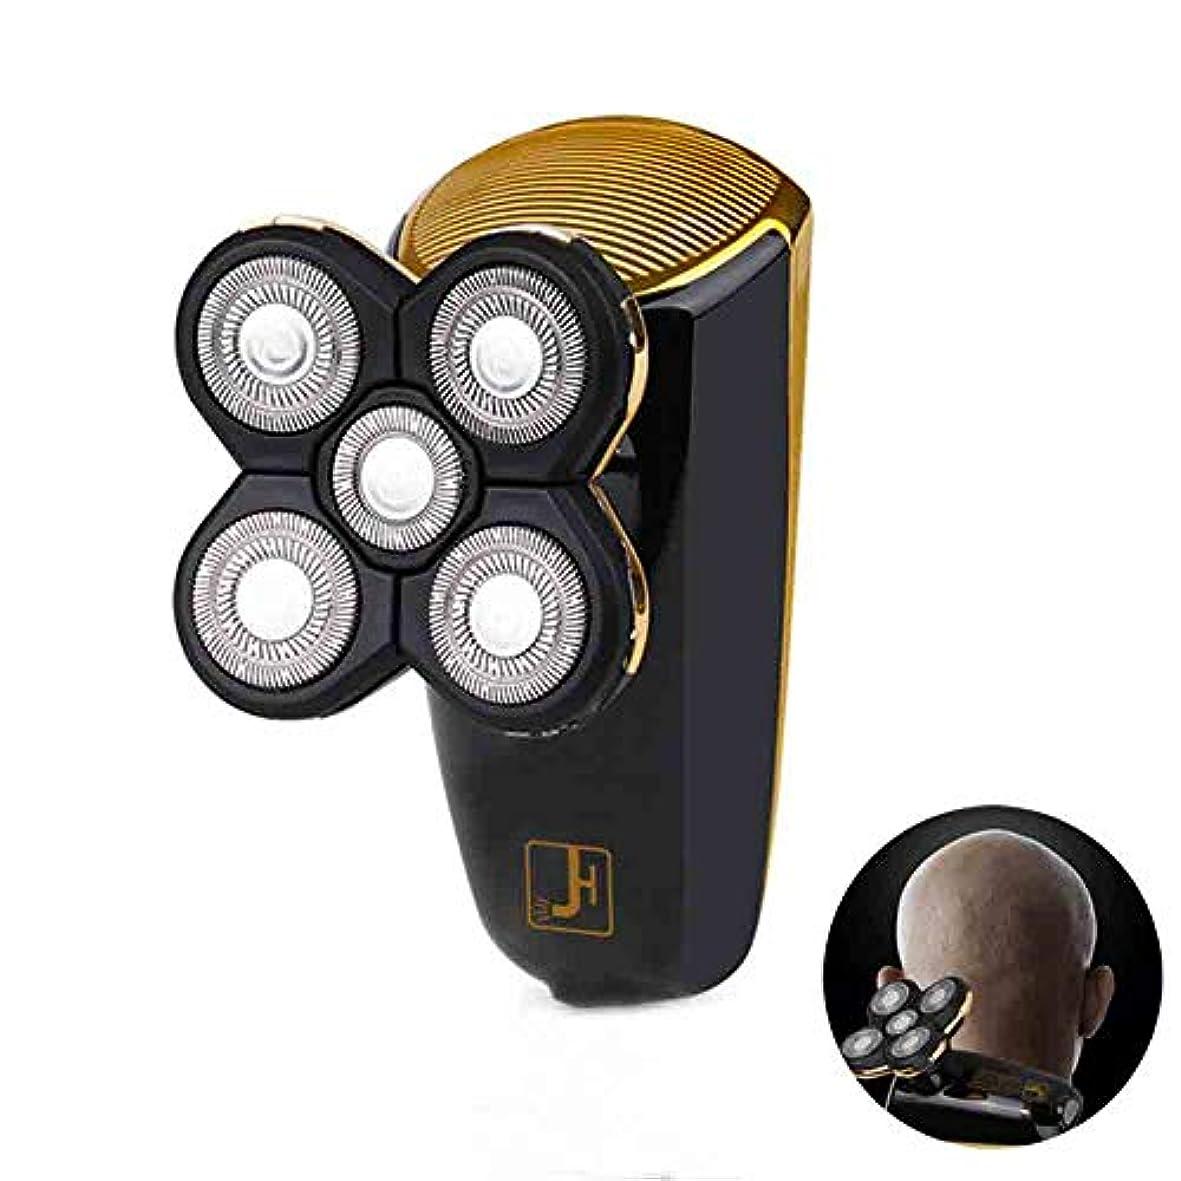 道路を作るプロセス希少性実質的に電気シェーバー、USB 充電5頭電気シェーバー全身洗浄することができます、LED ブートディスプレイ車脱毛、黒